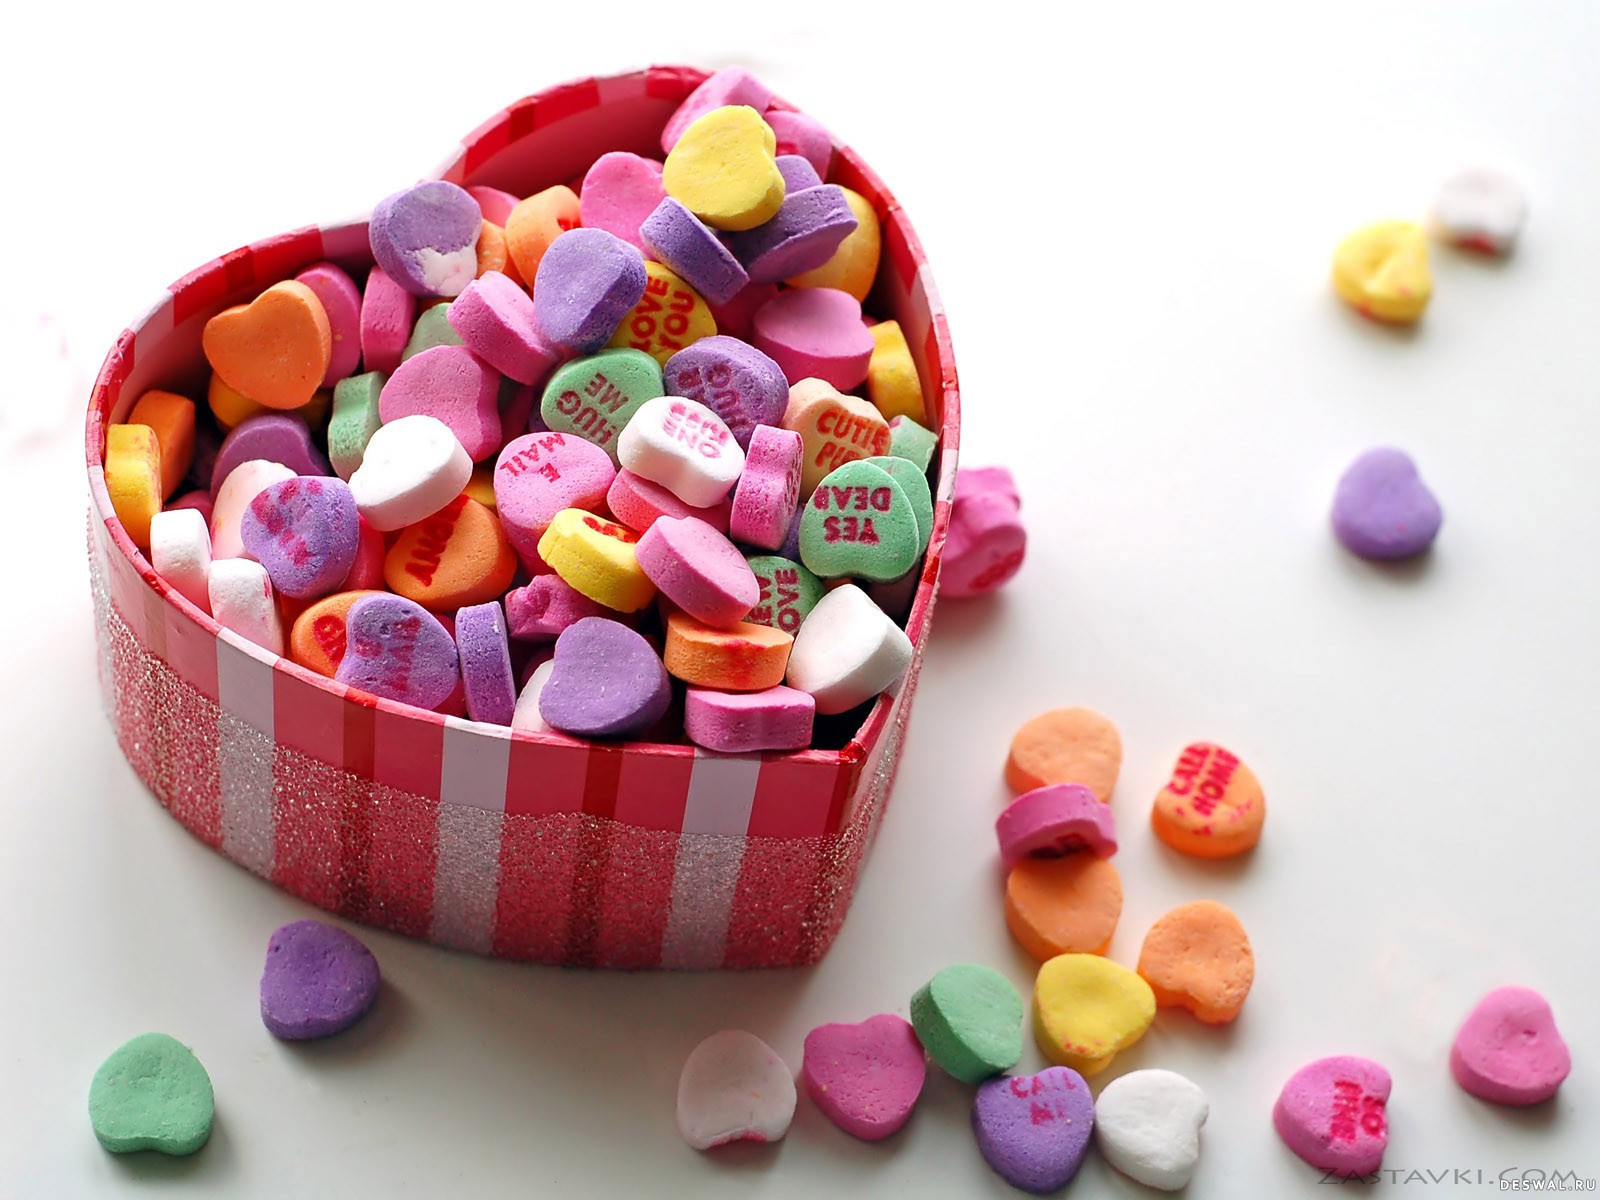 Фото 32. Нажмите на картинку с романтическими обоями - любовь, чтобы просмотреть ее в реальном размере